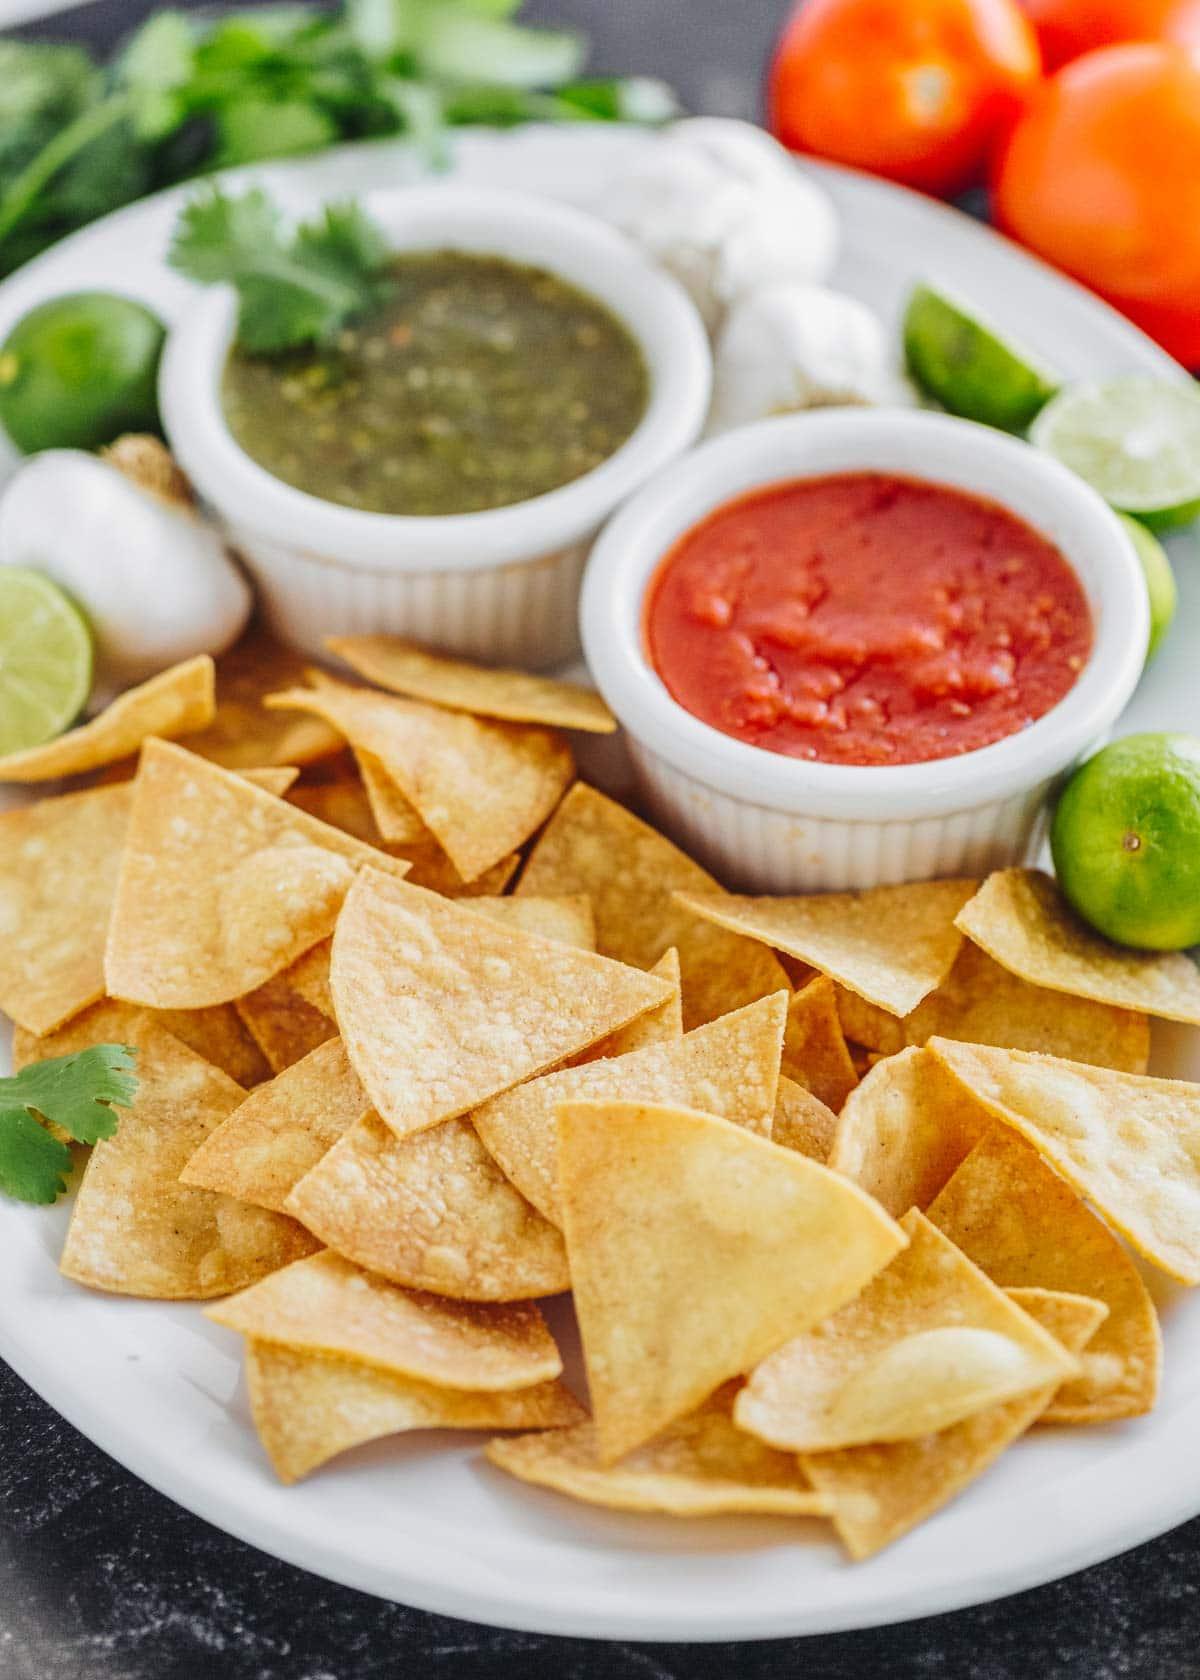 Homemade Tortilla Chips on a platter with salsa